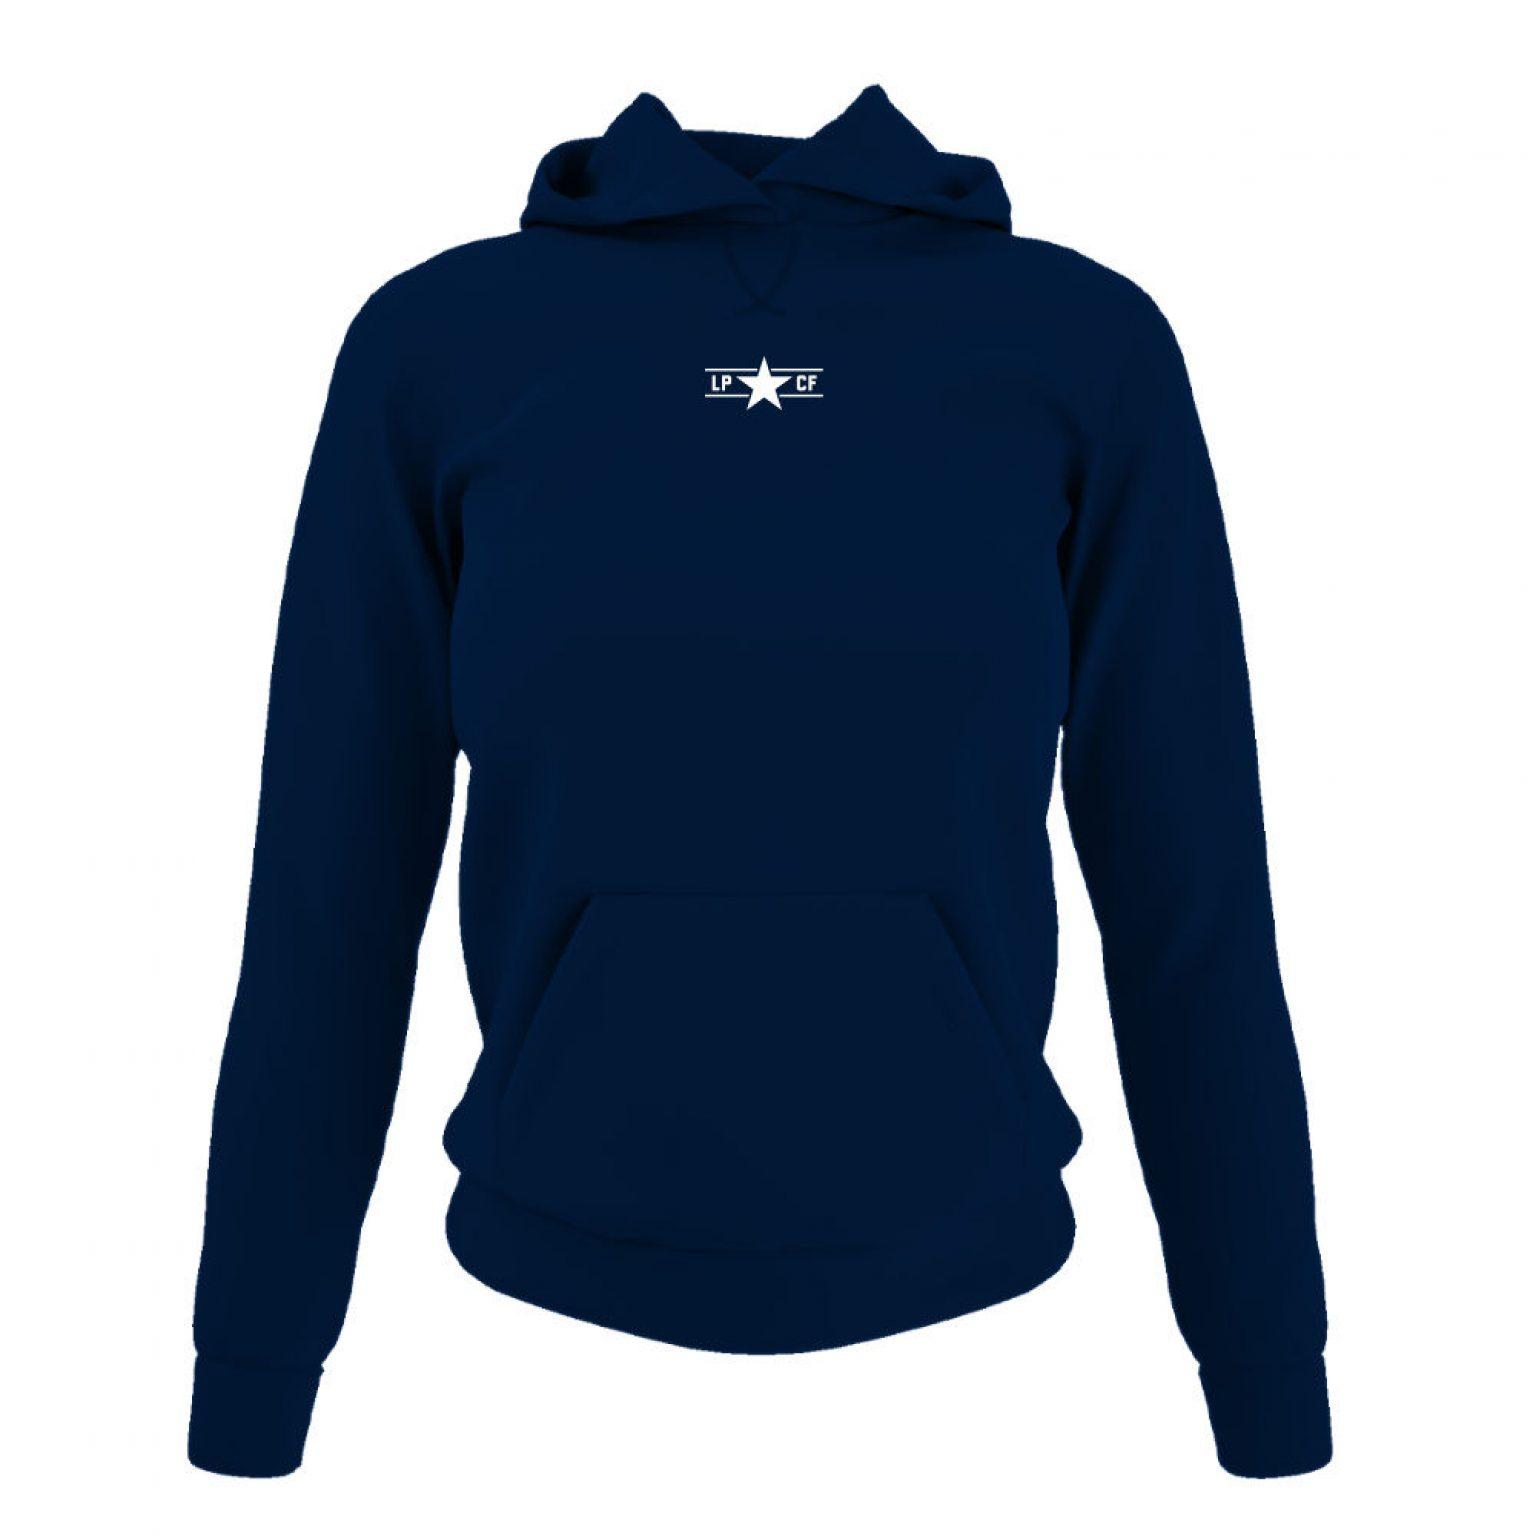 LPcircle hoodie damen navy front